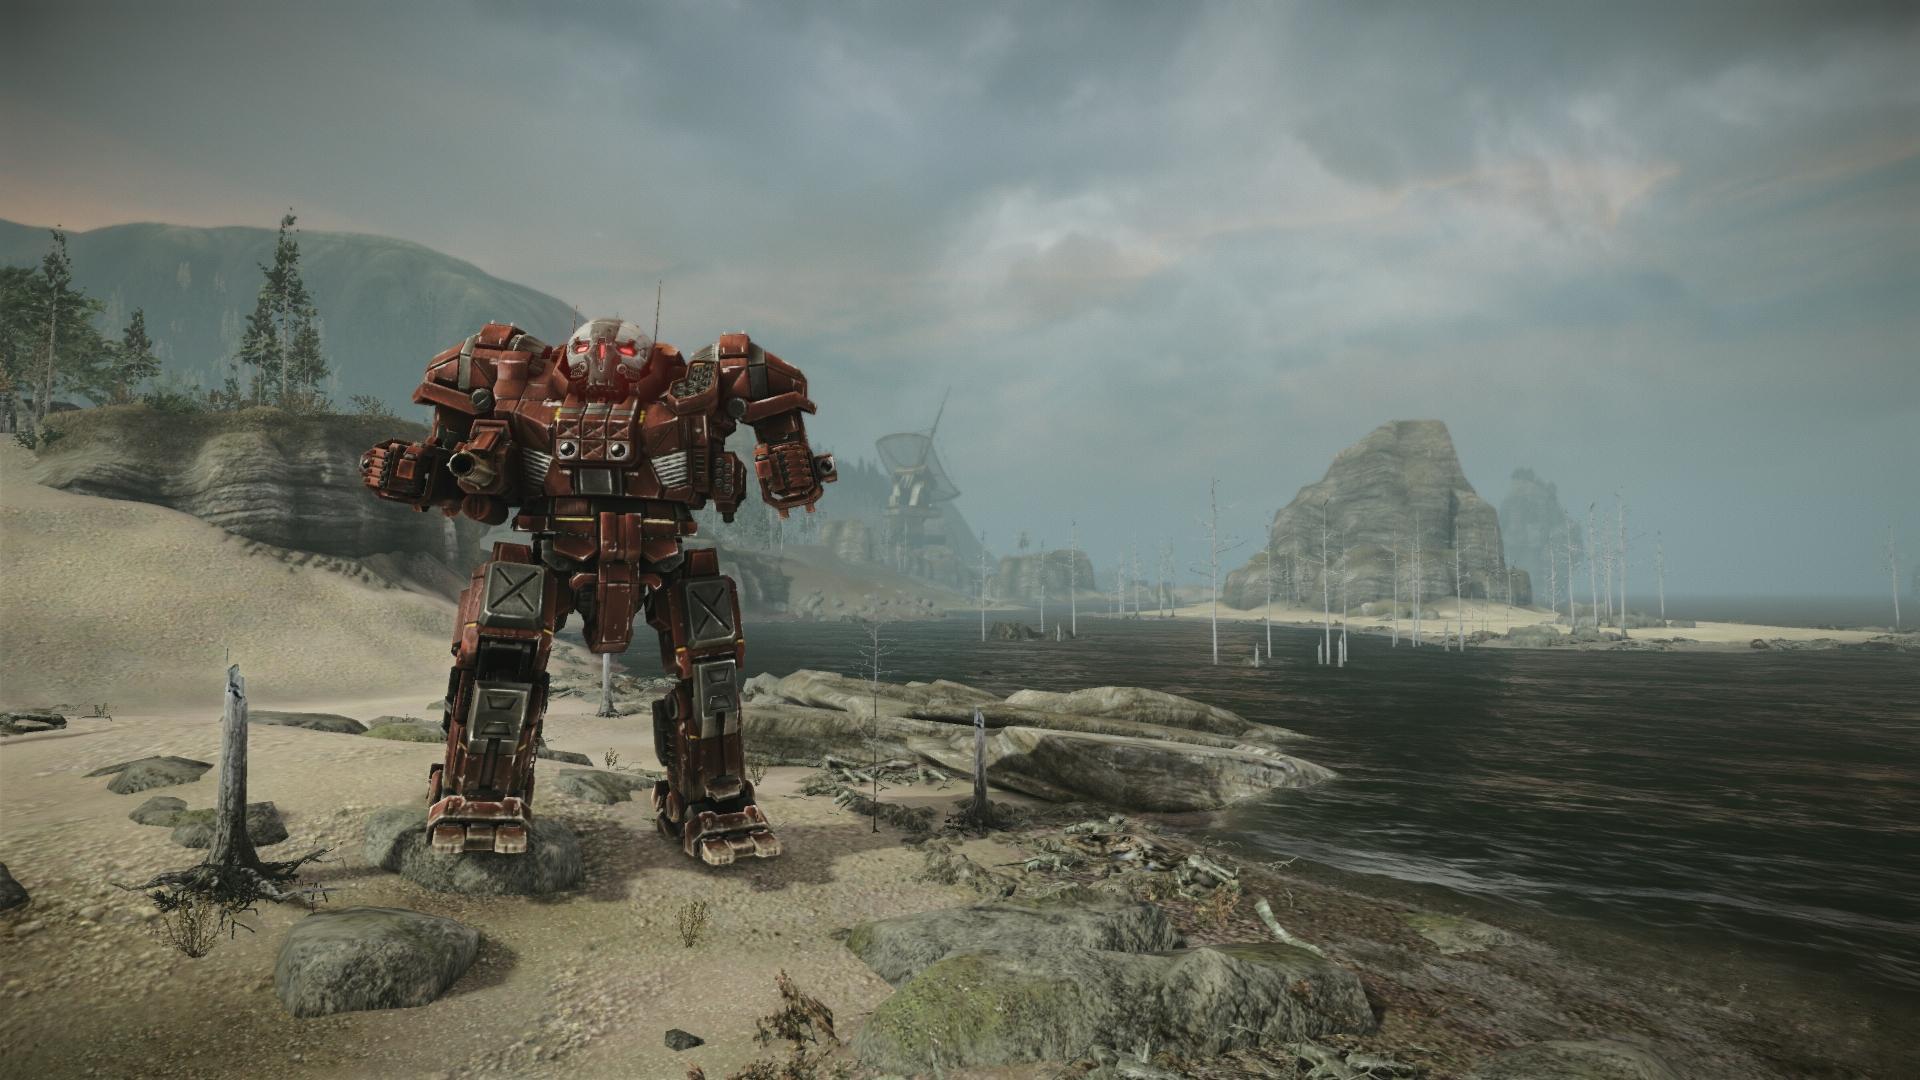 scifi-mmo-games-mechwarrior-online-mech-screenshot